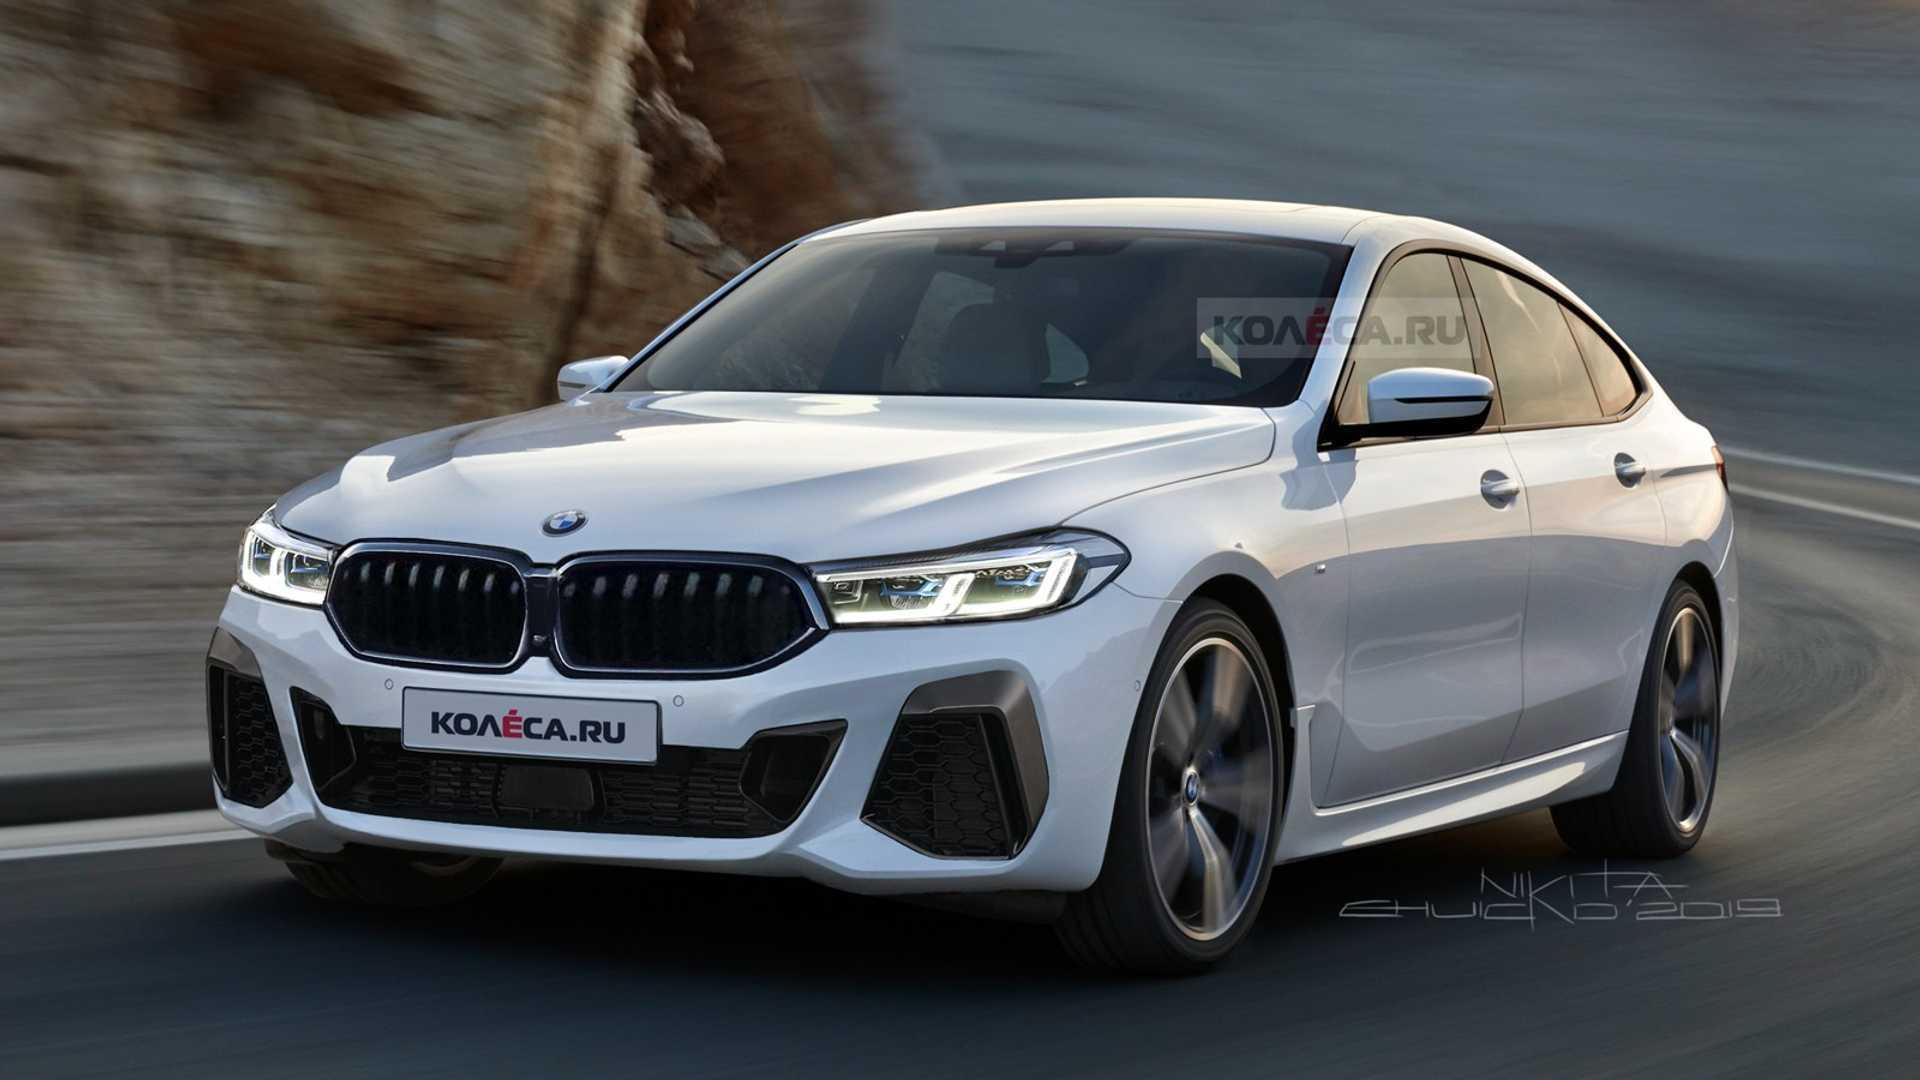 2021 BMW 6 Series Wallpaper